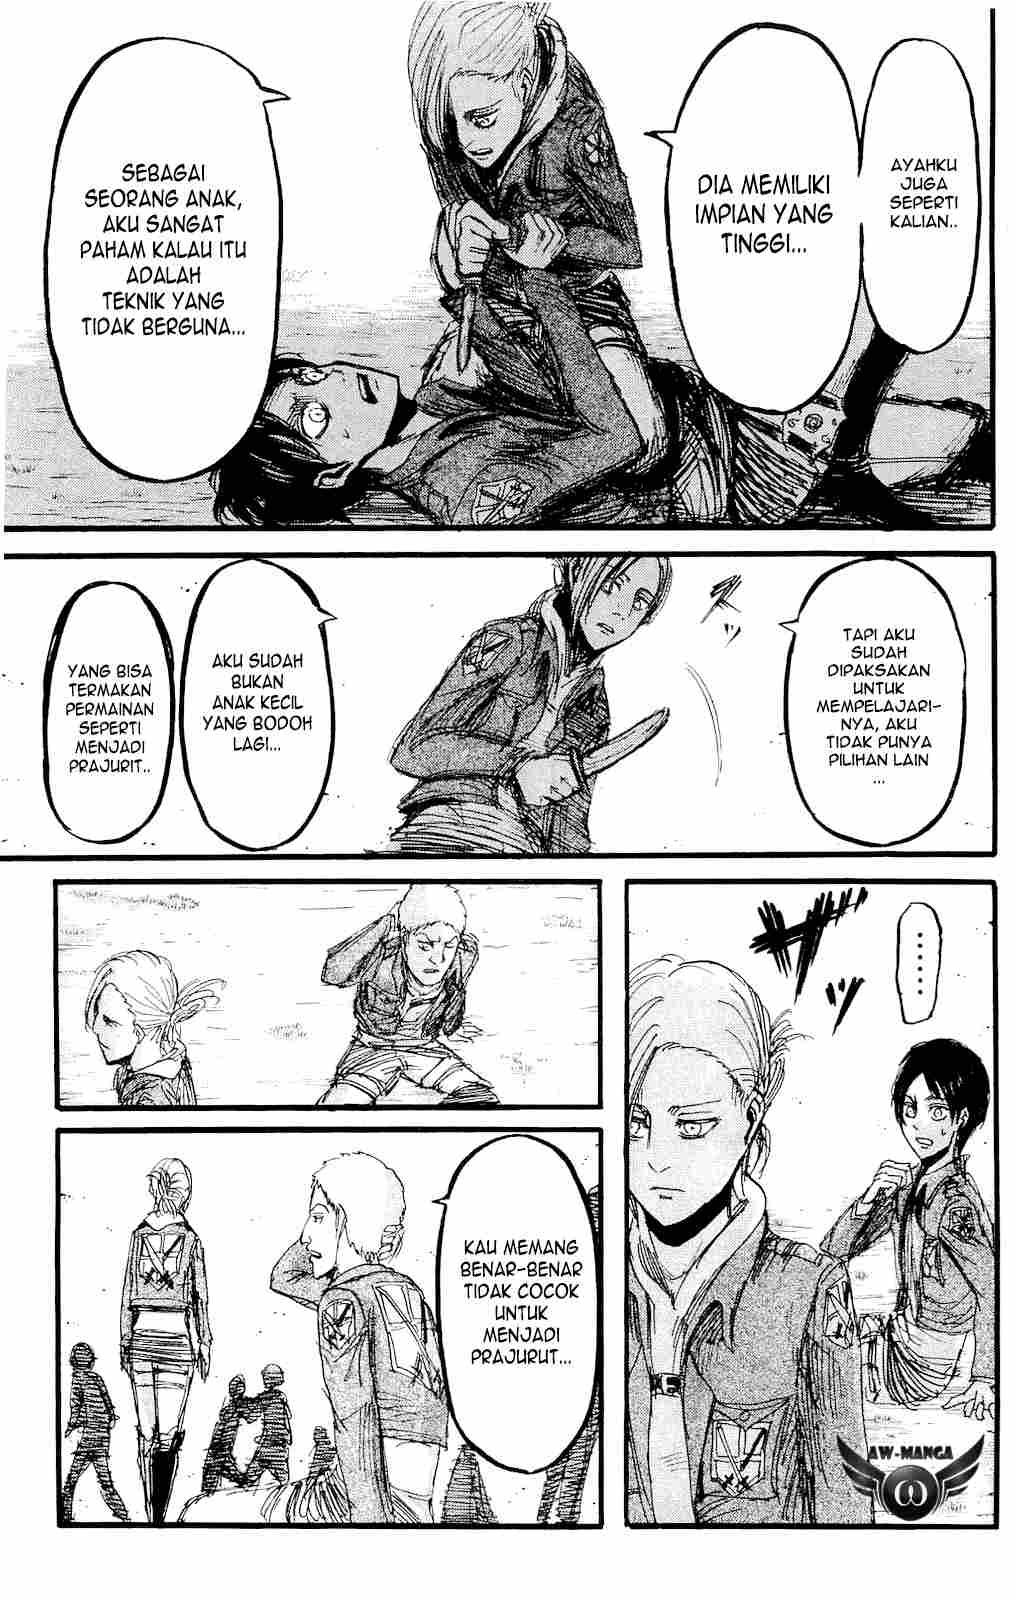 Komik shingeki no kyojin 017 - ilusi dari kekuatan 18 Indonesia shingeki no kyojin 017 - ilusi dari kekuatan Terbaru 21|Baca Manga Komik Indonesia|